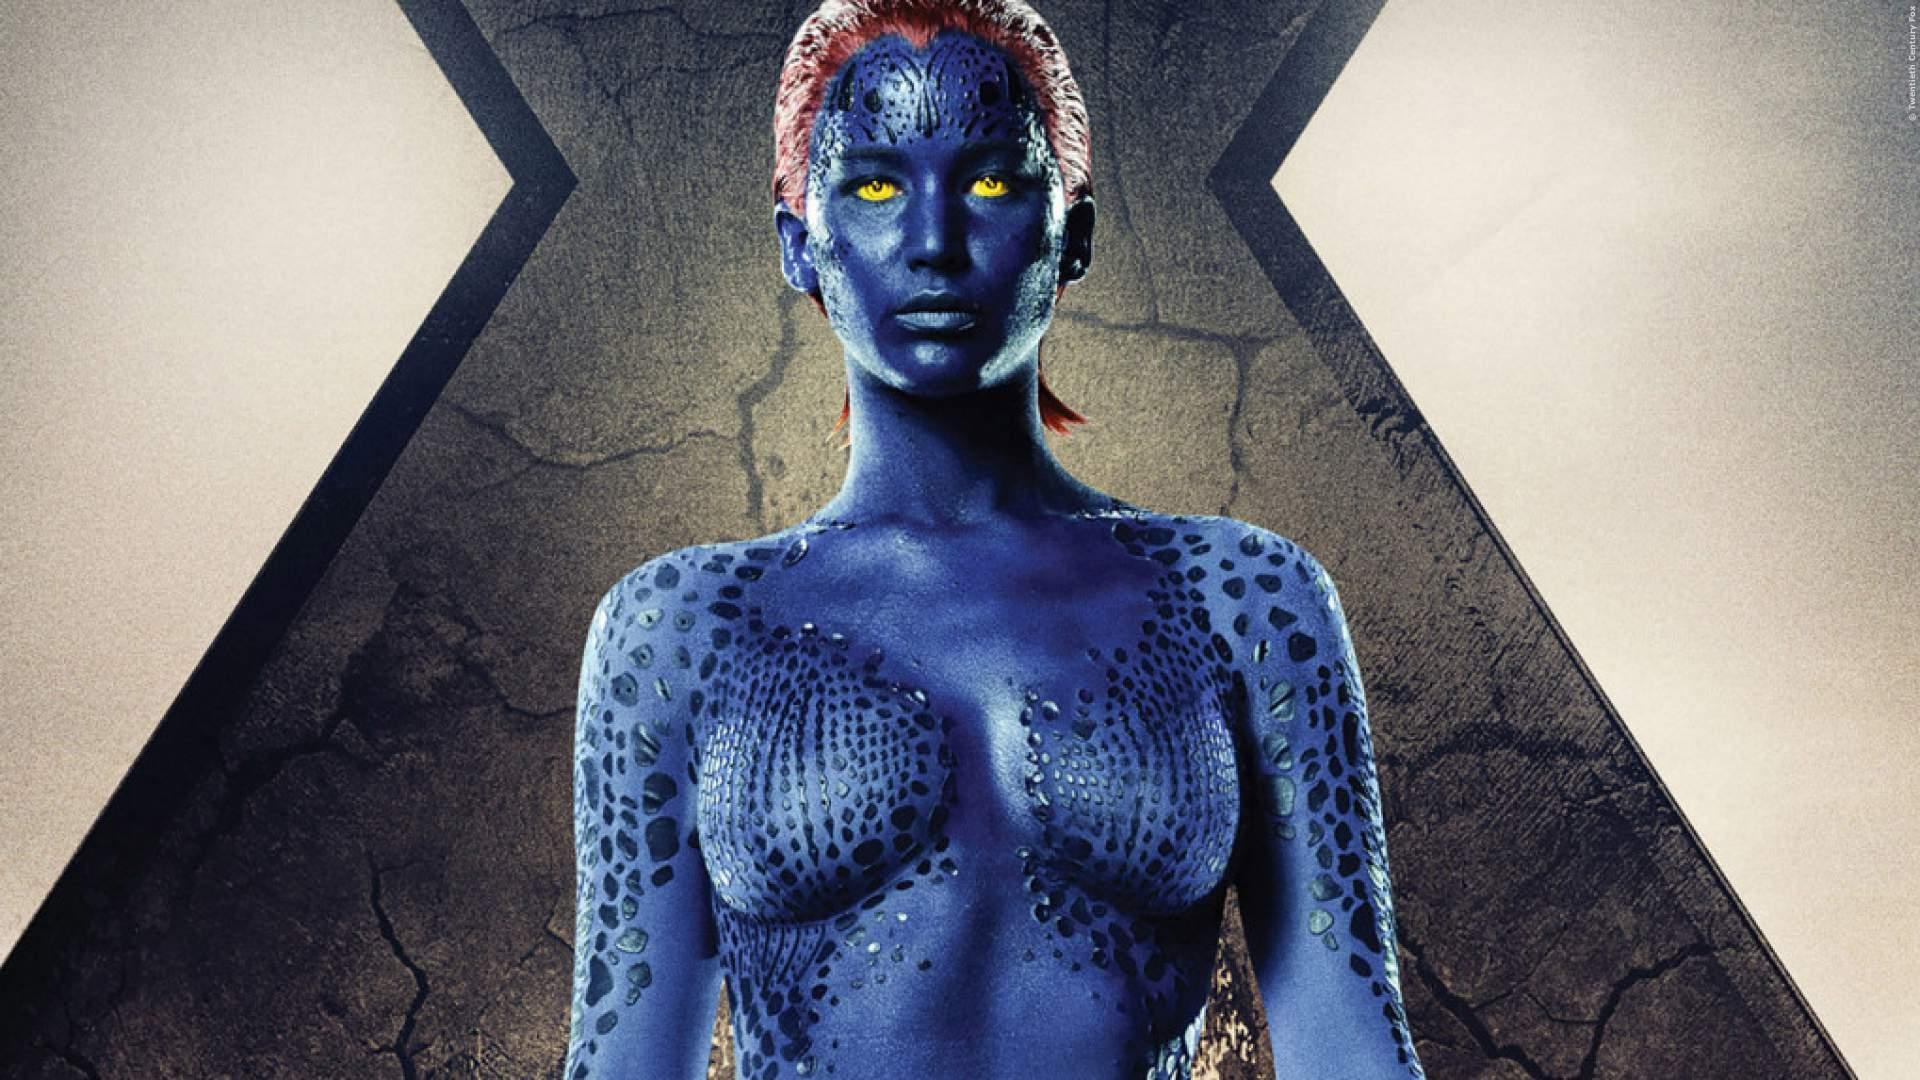 Heute ist X-MEN TAG: Filmstudio veröffentlicht episches Video